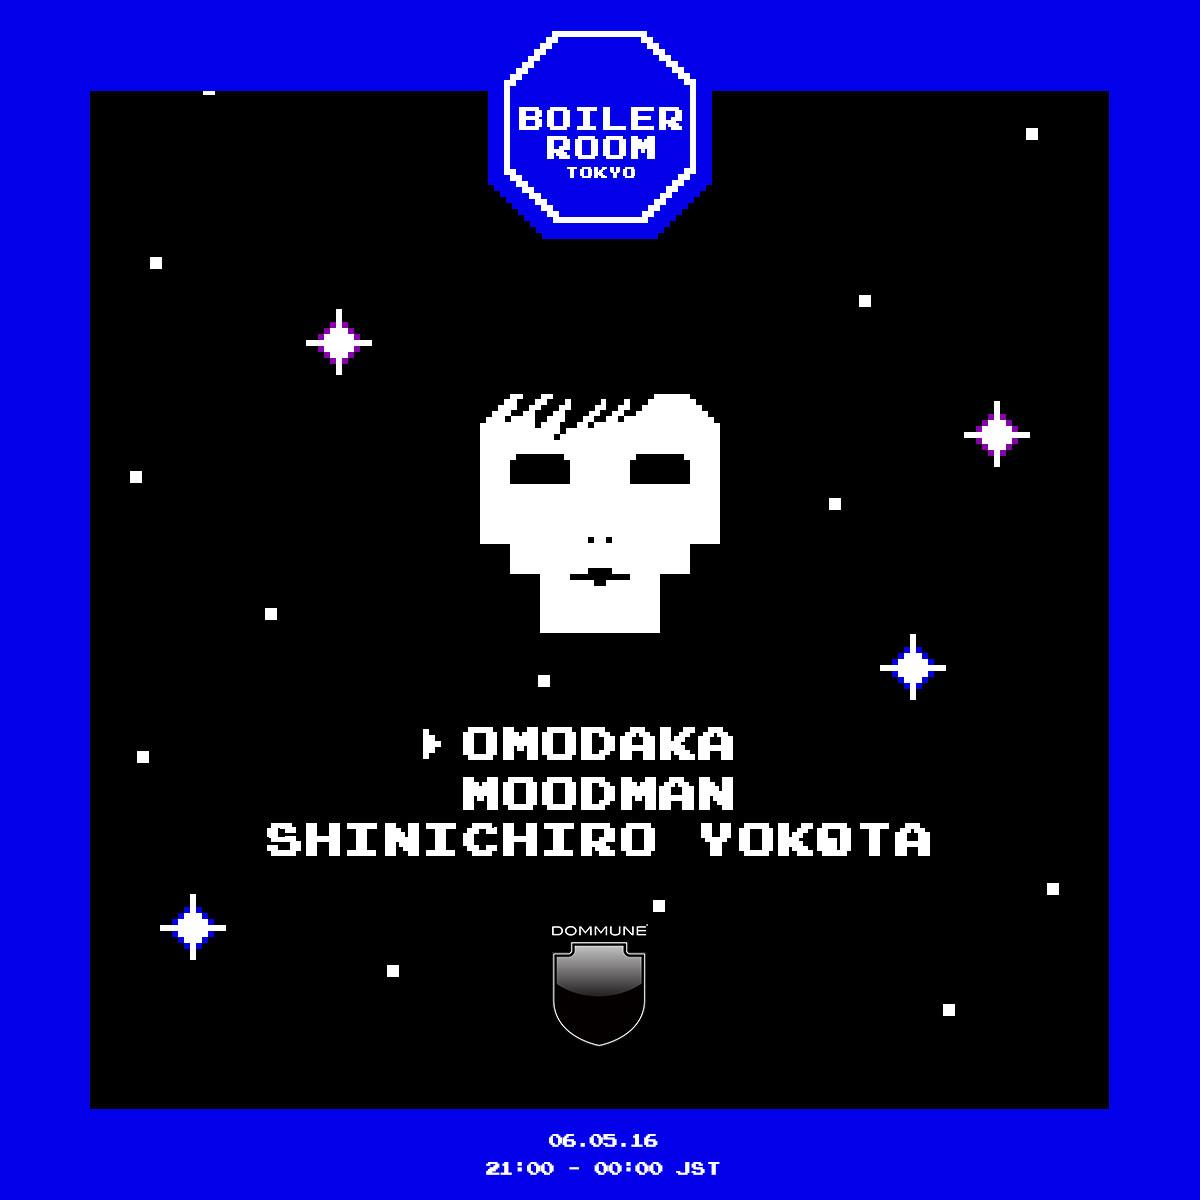 Boiler Room Tokyo OMODAKA